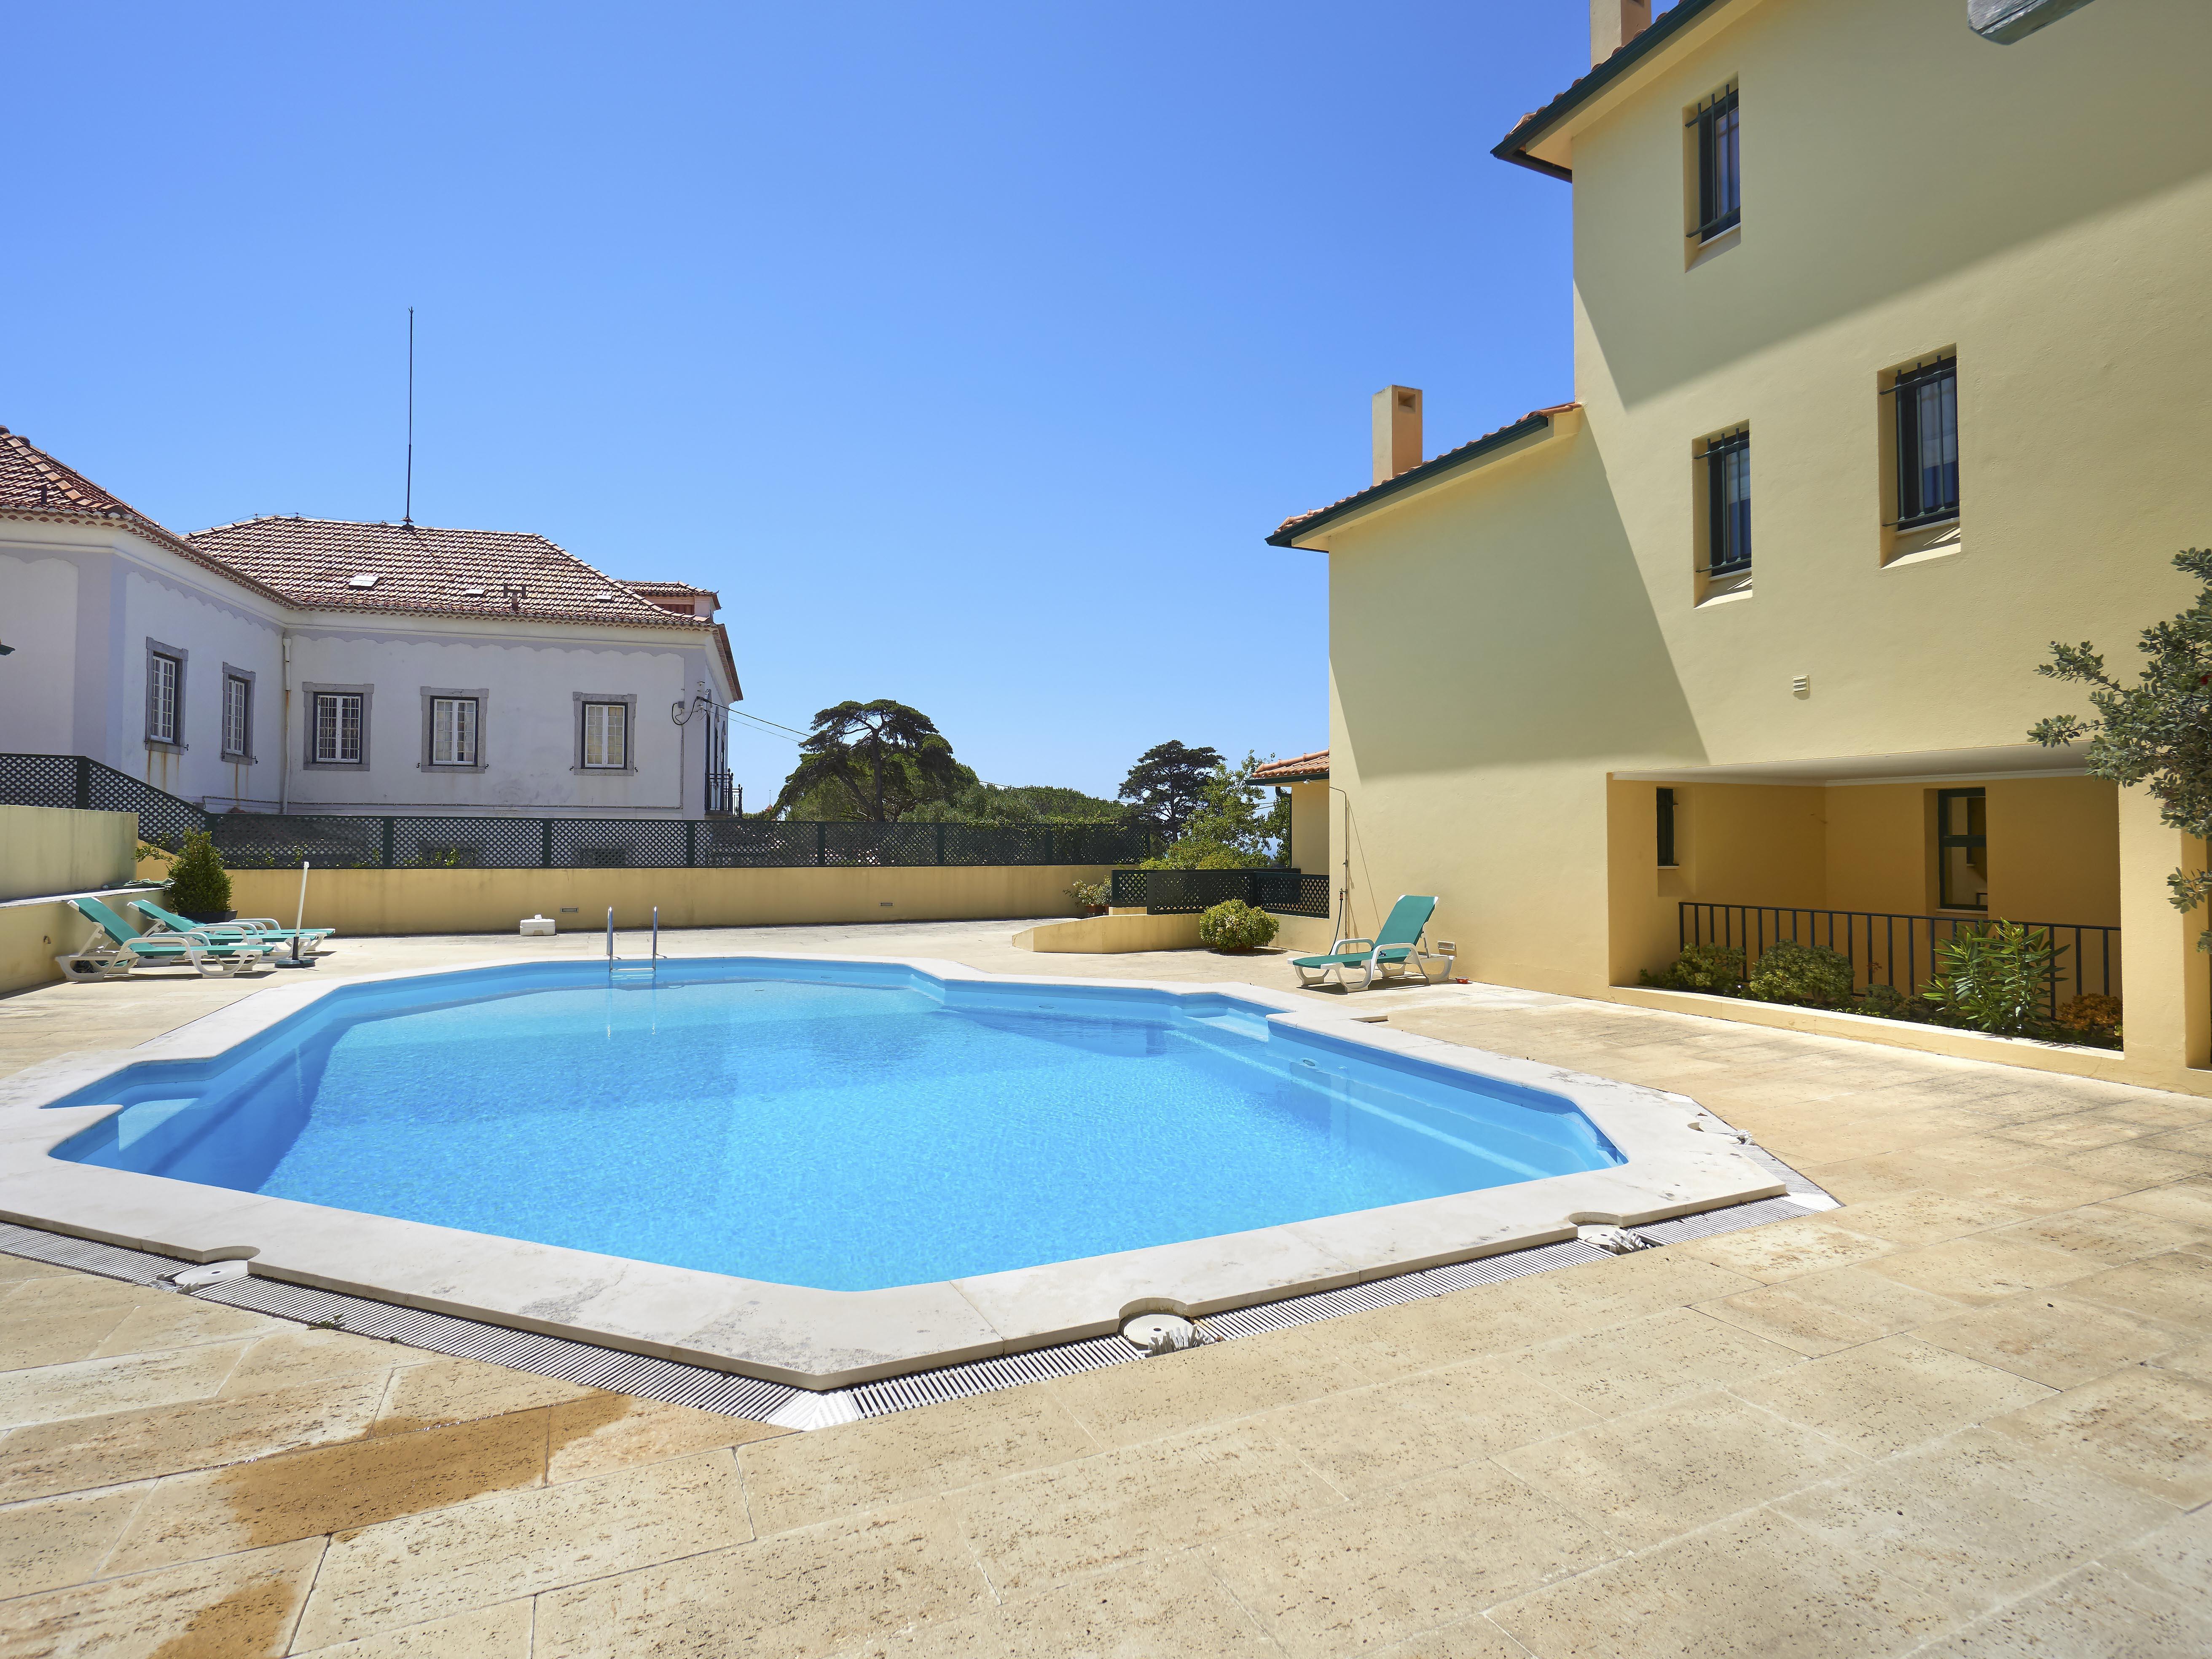 公寓 为 销售 在 Flat, 3 bedrooms, for Sale 卡斯凯什, 葡京, 葡萄牙